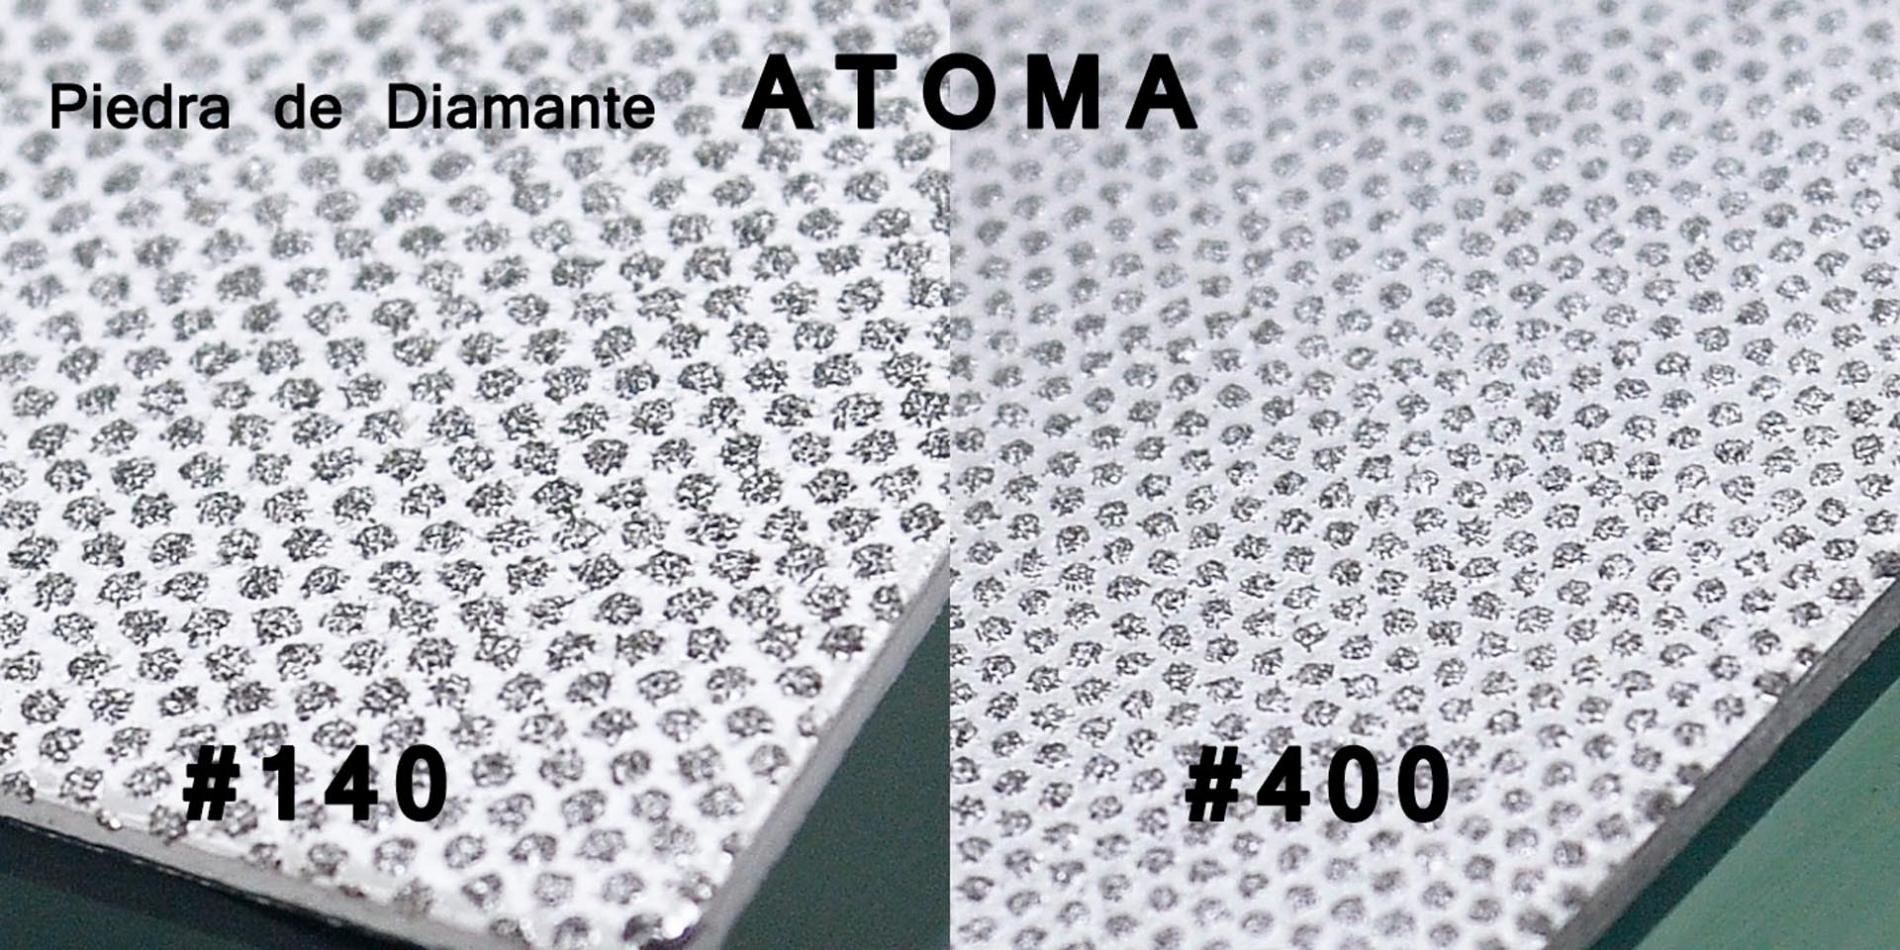 Atoma140/400-Aplanador piedras japonesas al agua doble cara Atoma 140/400-max-1.